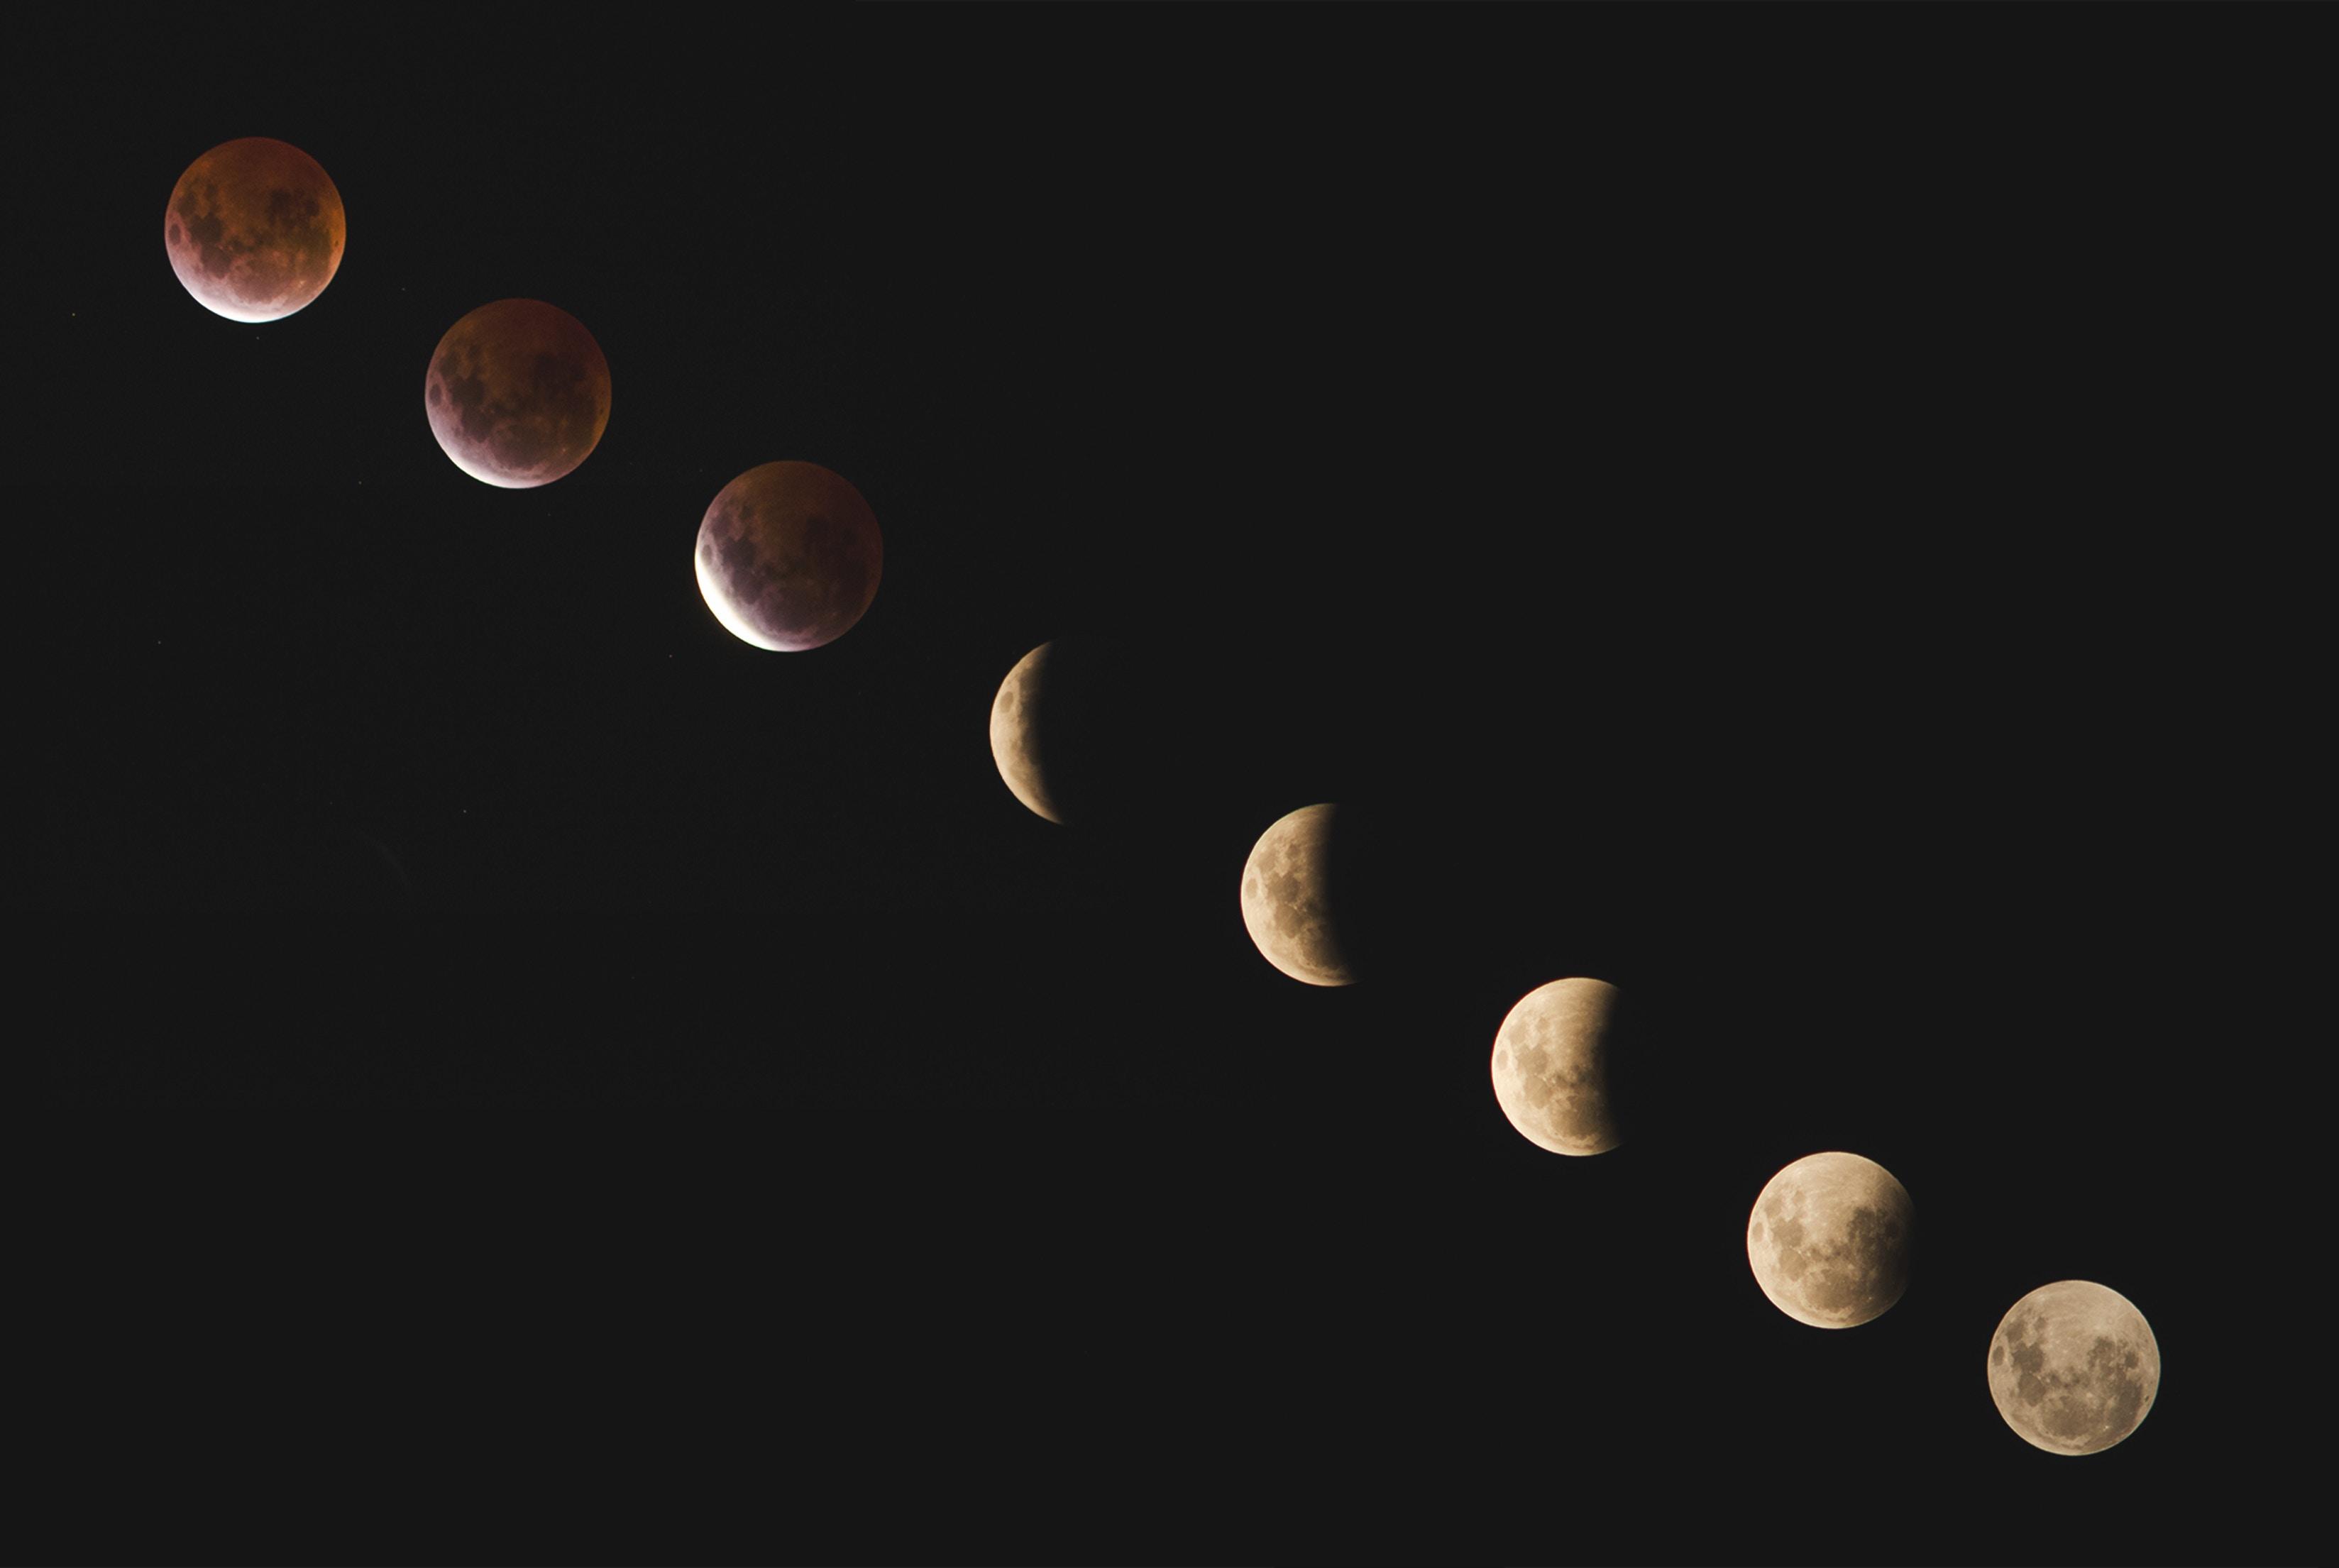 mjesec planet